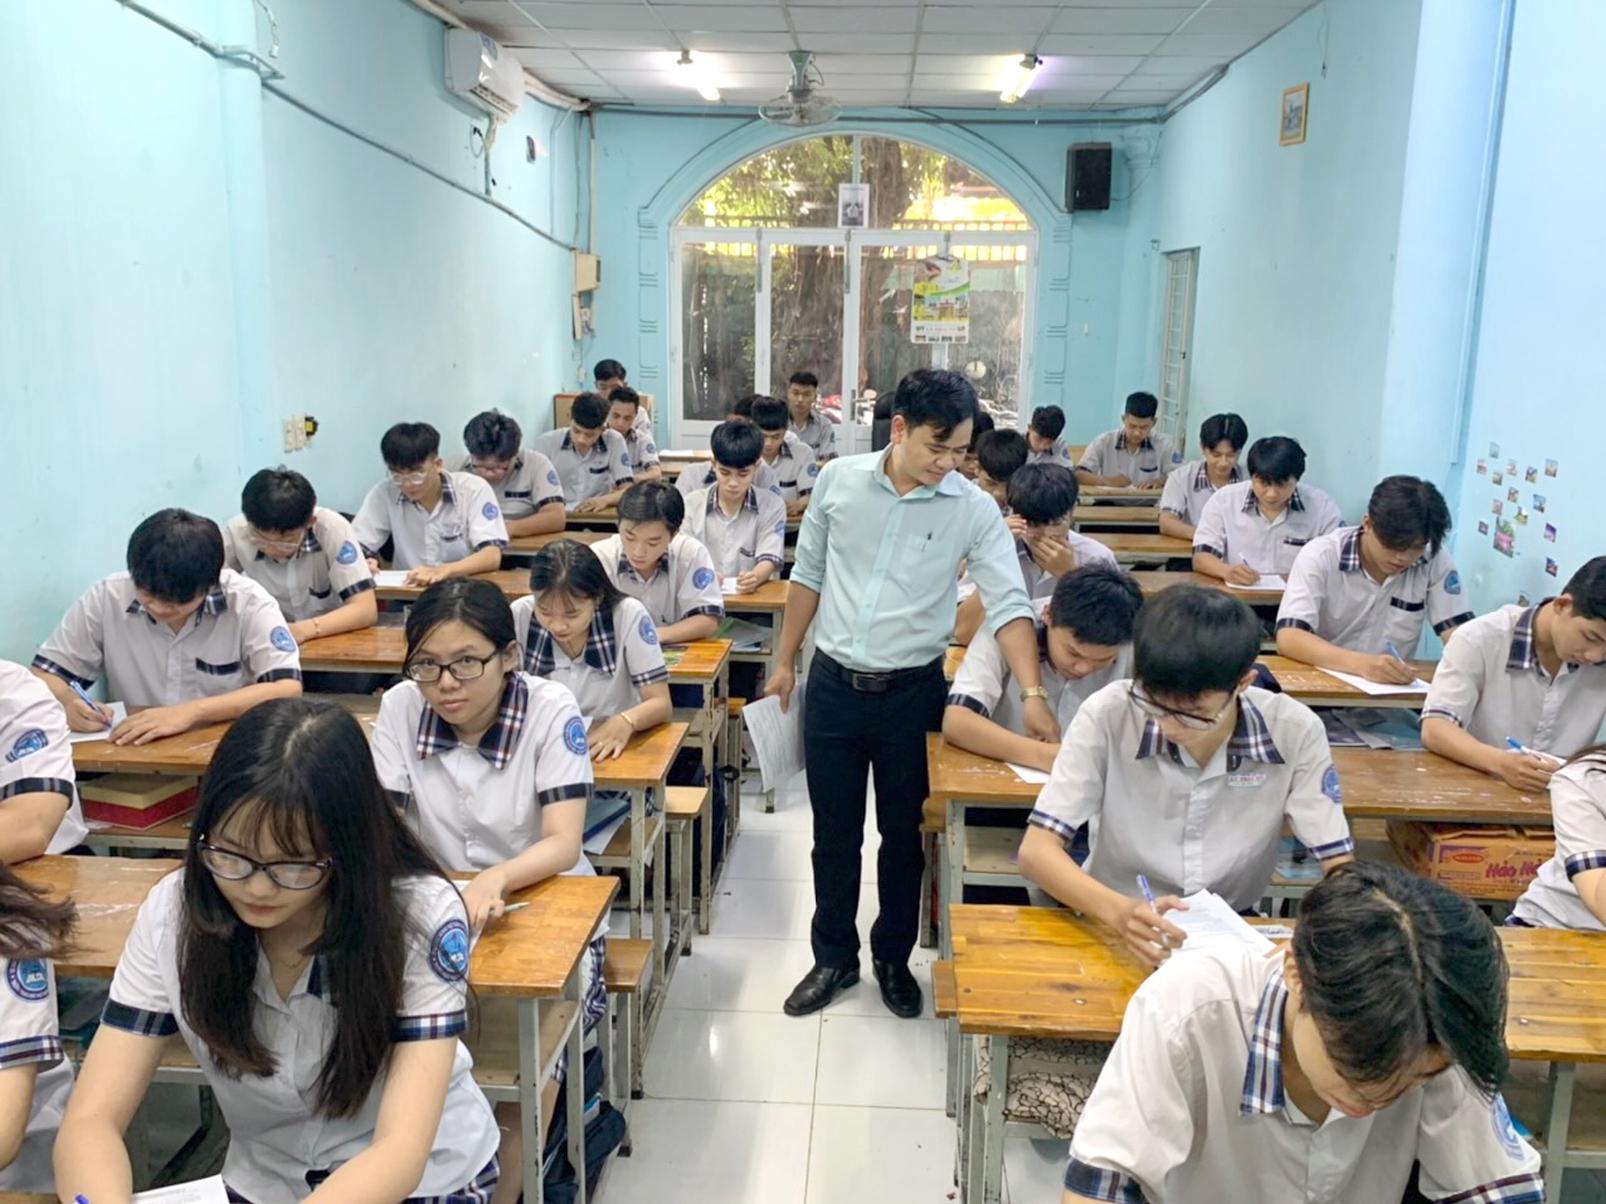 Học sinh lớp 12 Trường THPT Lý Thái Tổ  (Q.Gò Vấp) ôn tập trước ngày tạm dừng  đến trường - ẢNH: GIA TUỆ